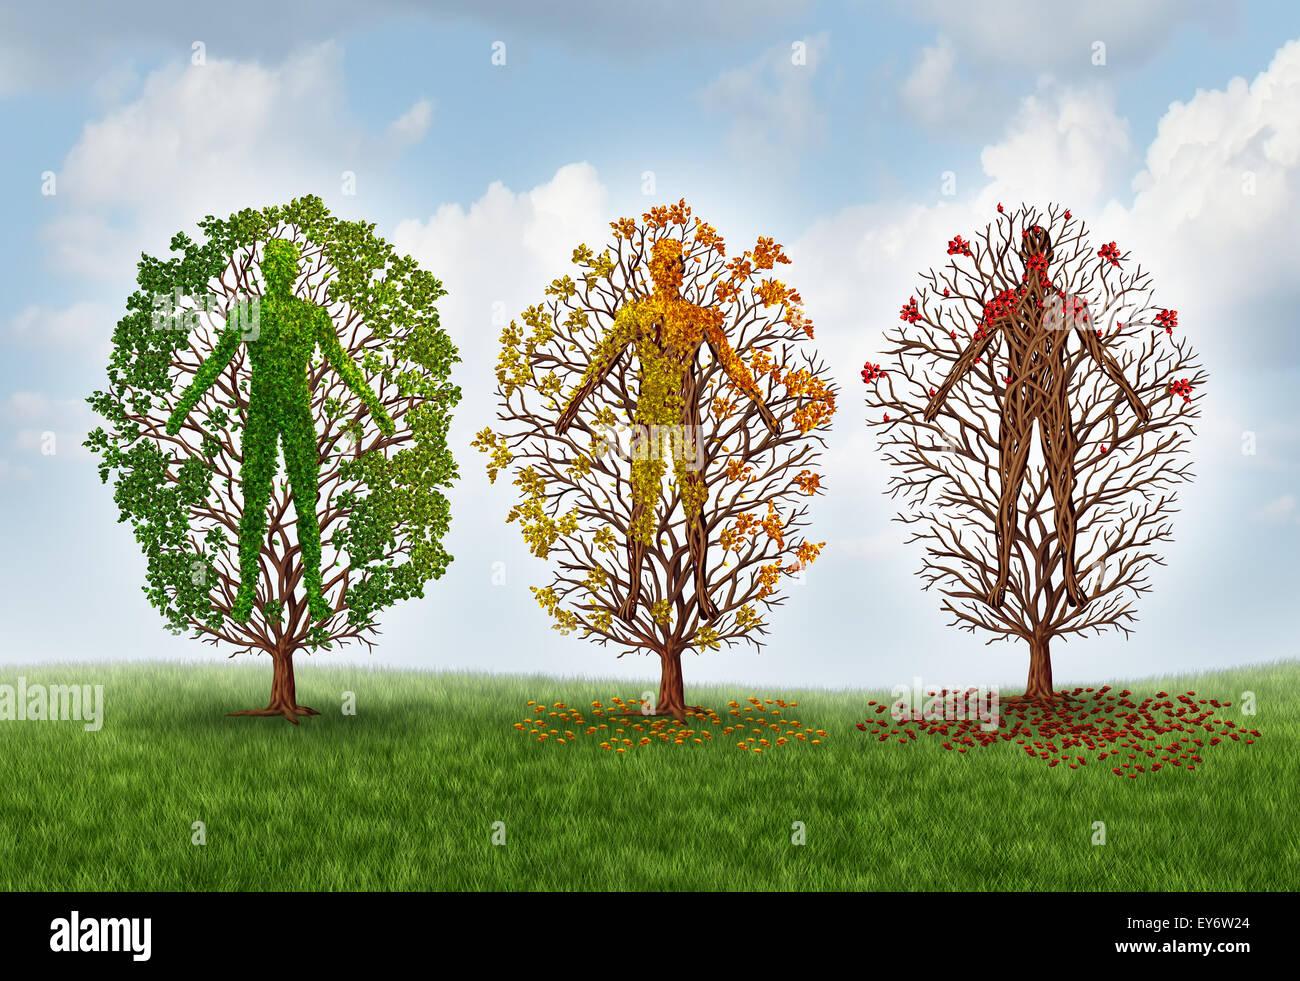 Umano il concetto di invecchiamento e deterioramento della salute a causa di una malattia del corpo come un sano Immagini Stock